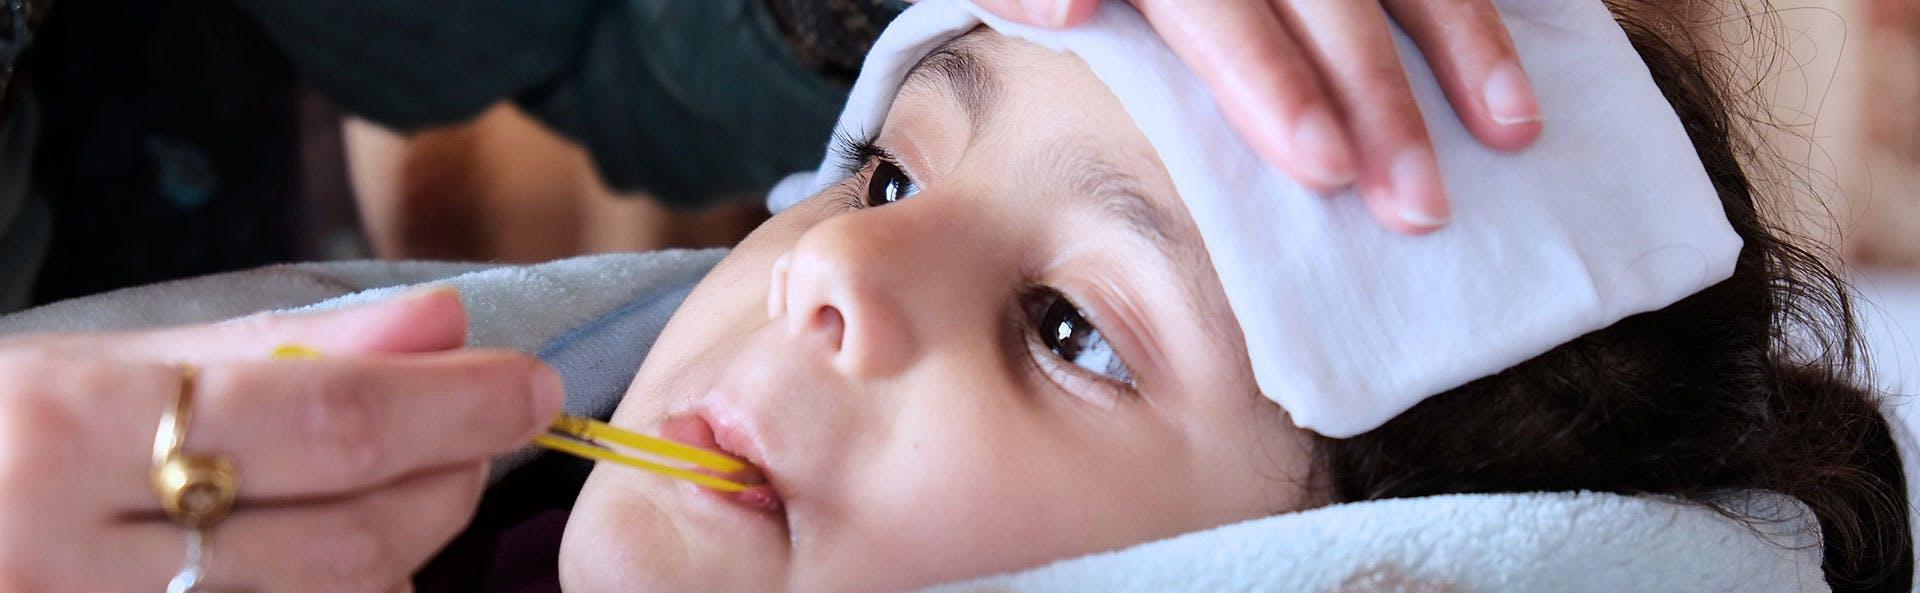 طفلة تعاني من ارتفاع في الحرارة